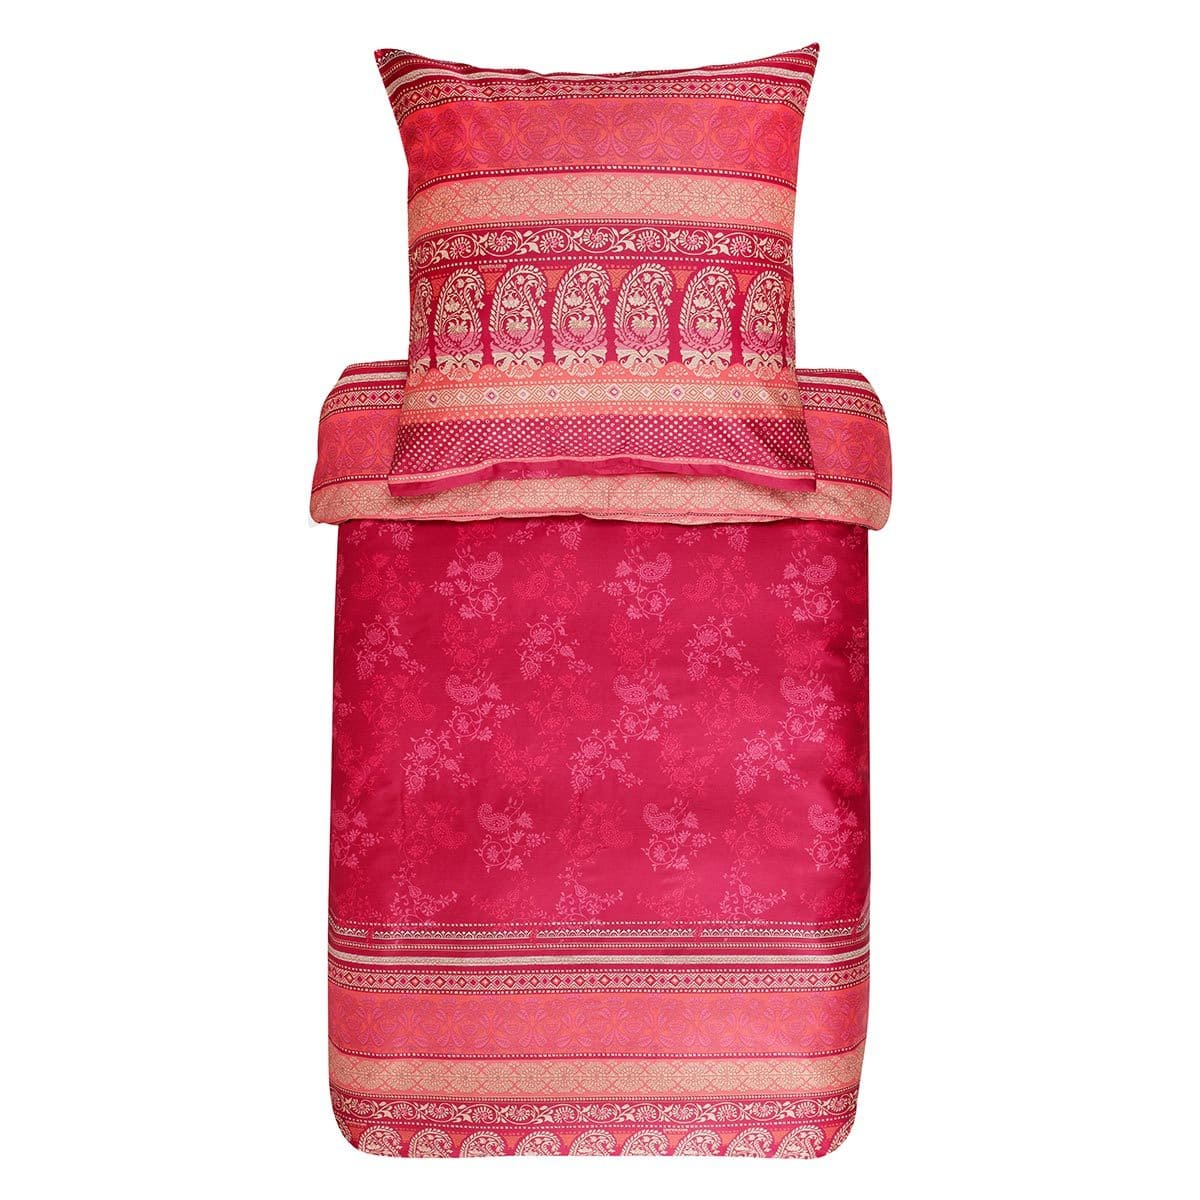 Bassetti Mako Satin Bettwäsche Monte Rosa V1 Günstig Online Kaufen